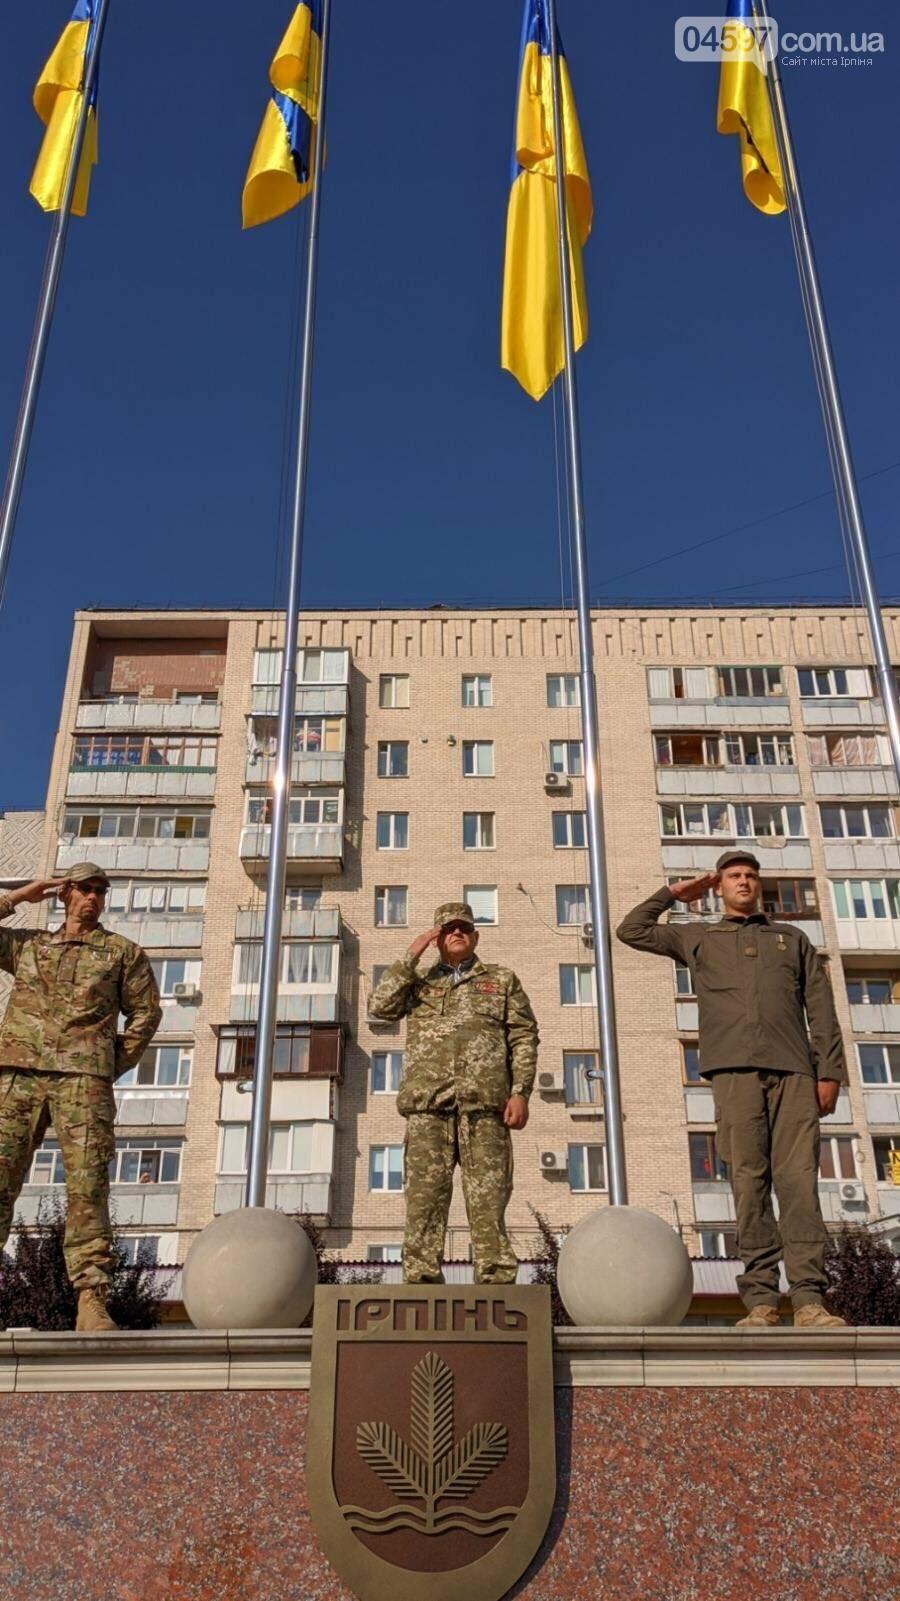 В Ірпені урочисто підняли Державний прапор України, фото-5